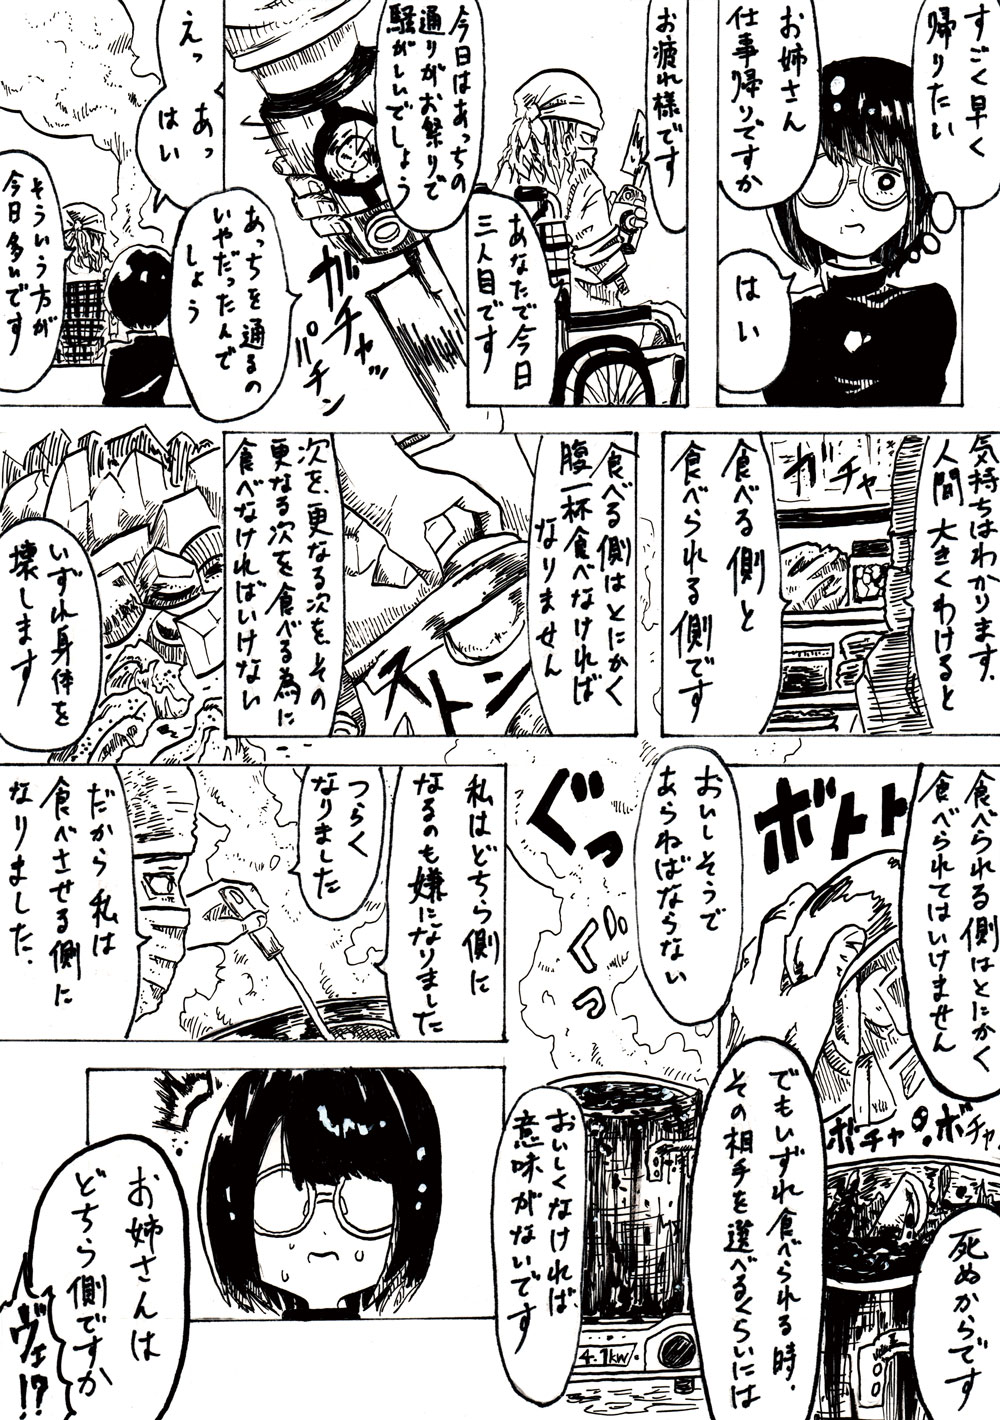 shinoda-007-3